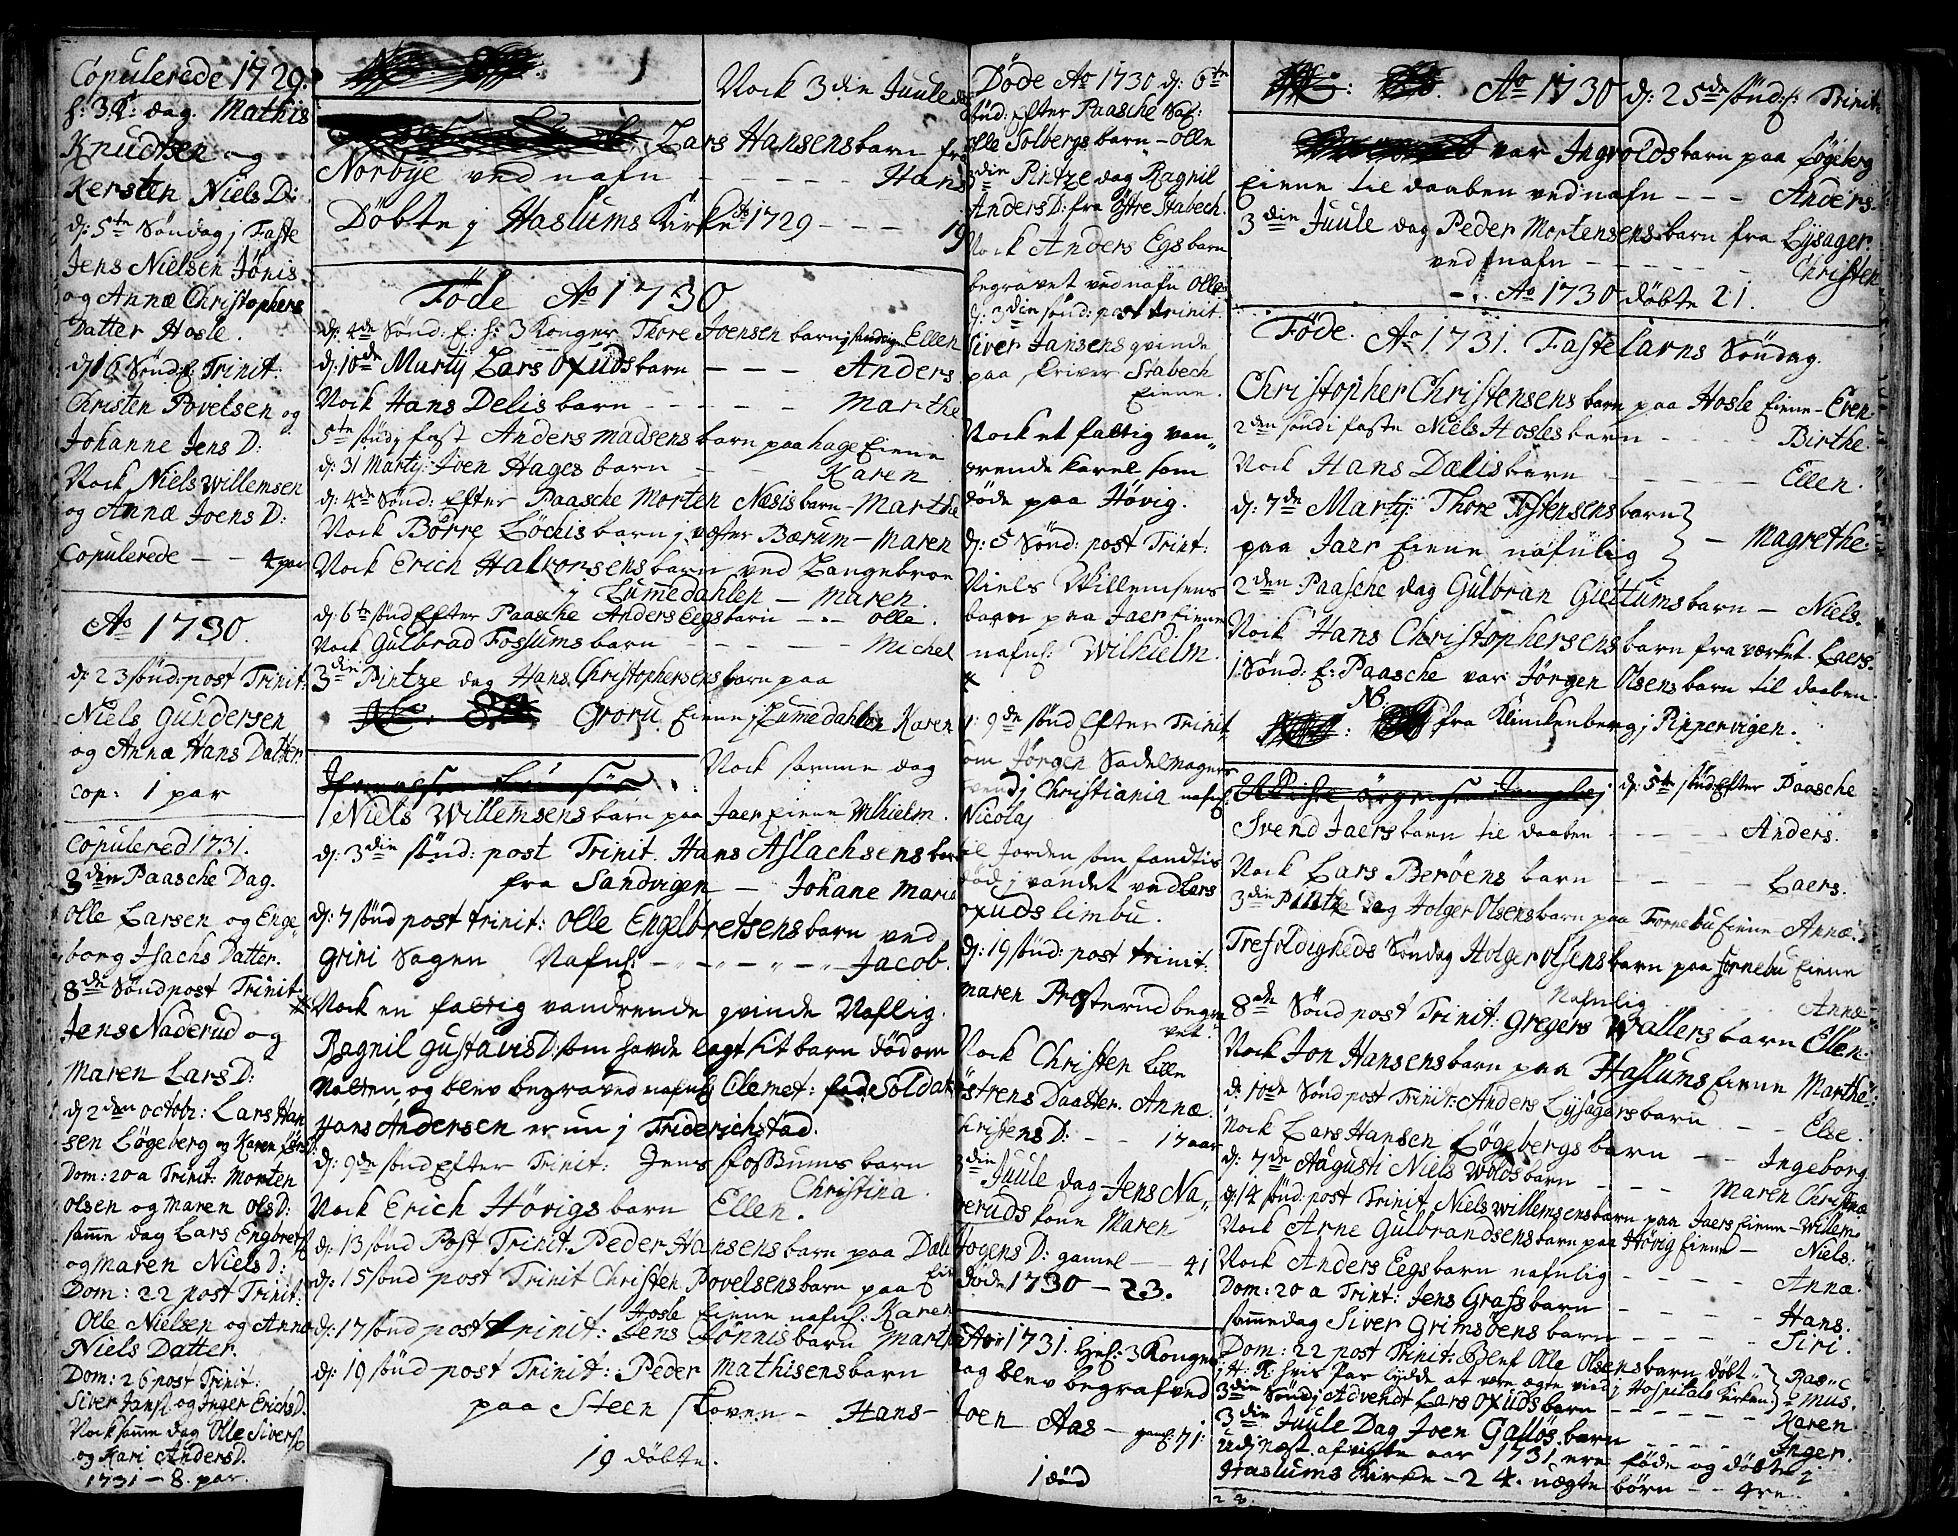 SAO, Asker prestekontor Kirkebøker, F/Fa/L0001: Ministerialbok nr. I 1, 1726-1744, s. 24